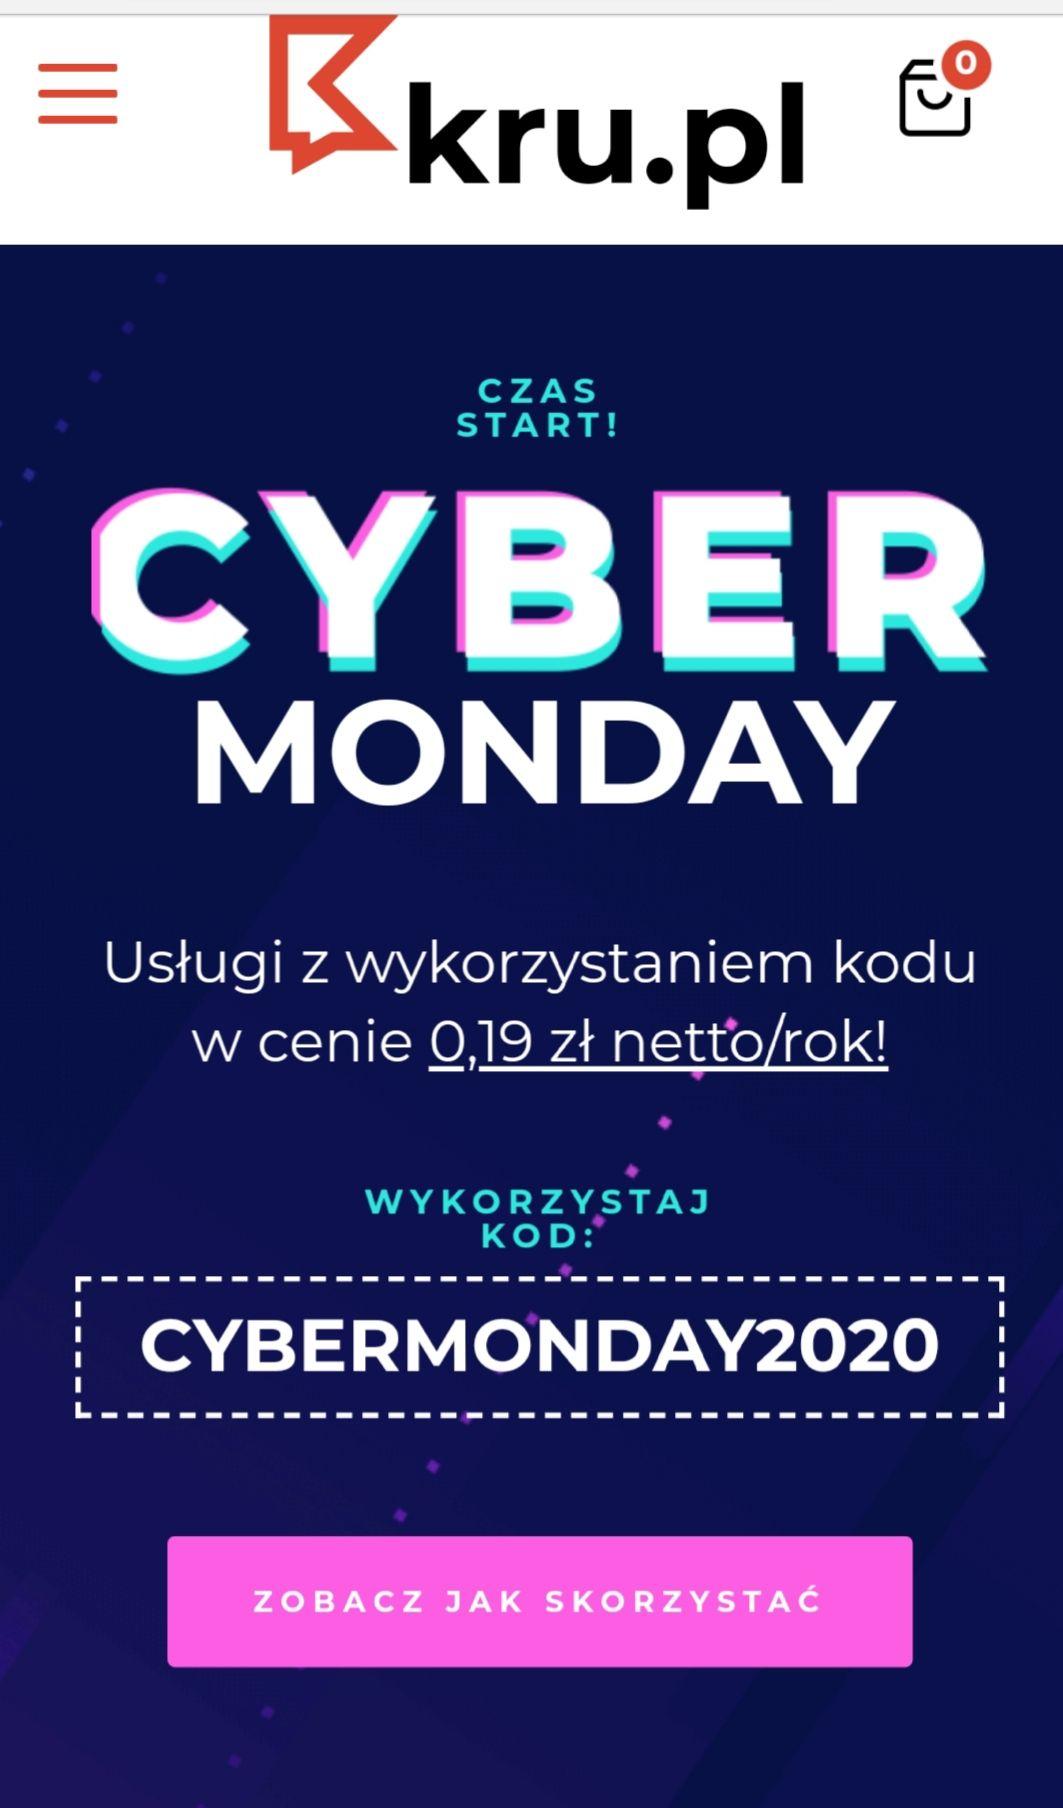 Domena lub Hosting kru.pl za 0.19zl / rok